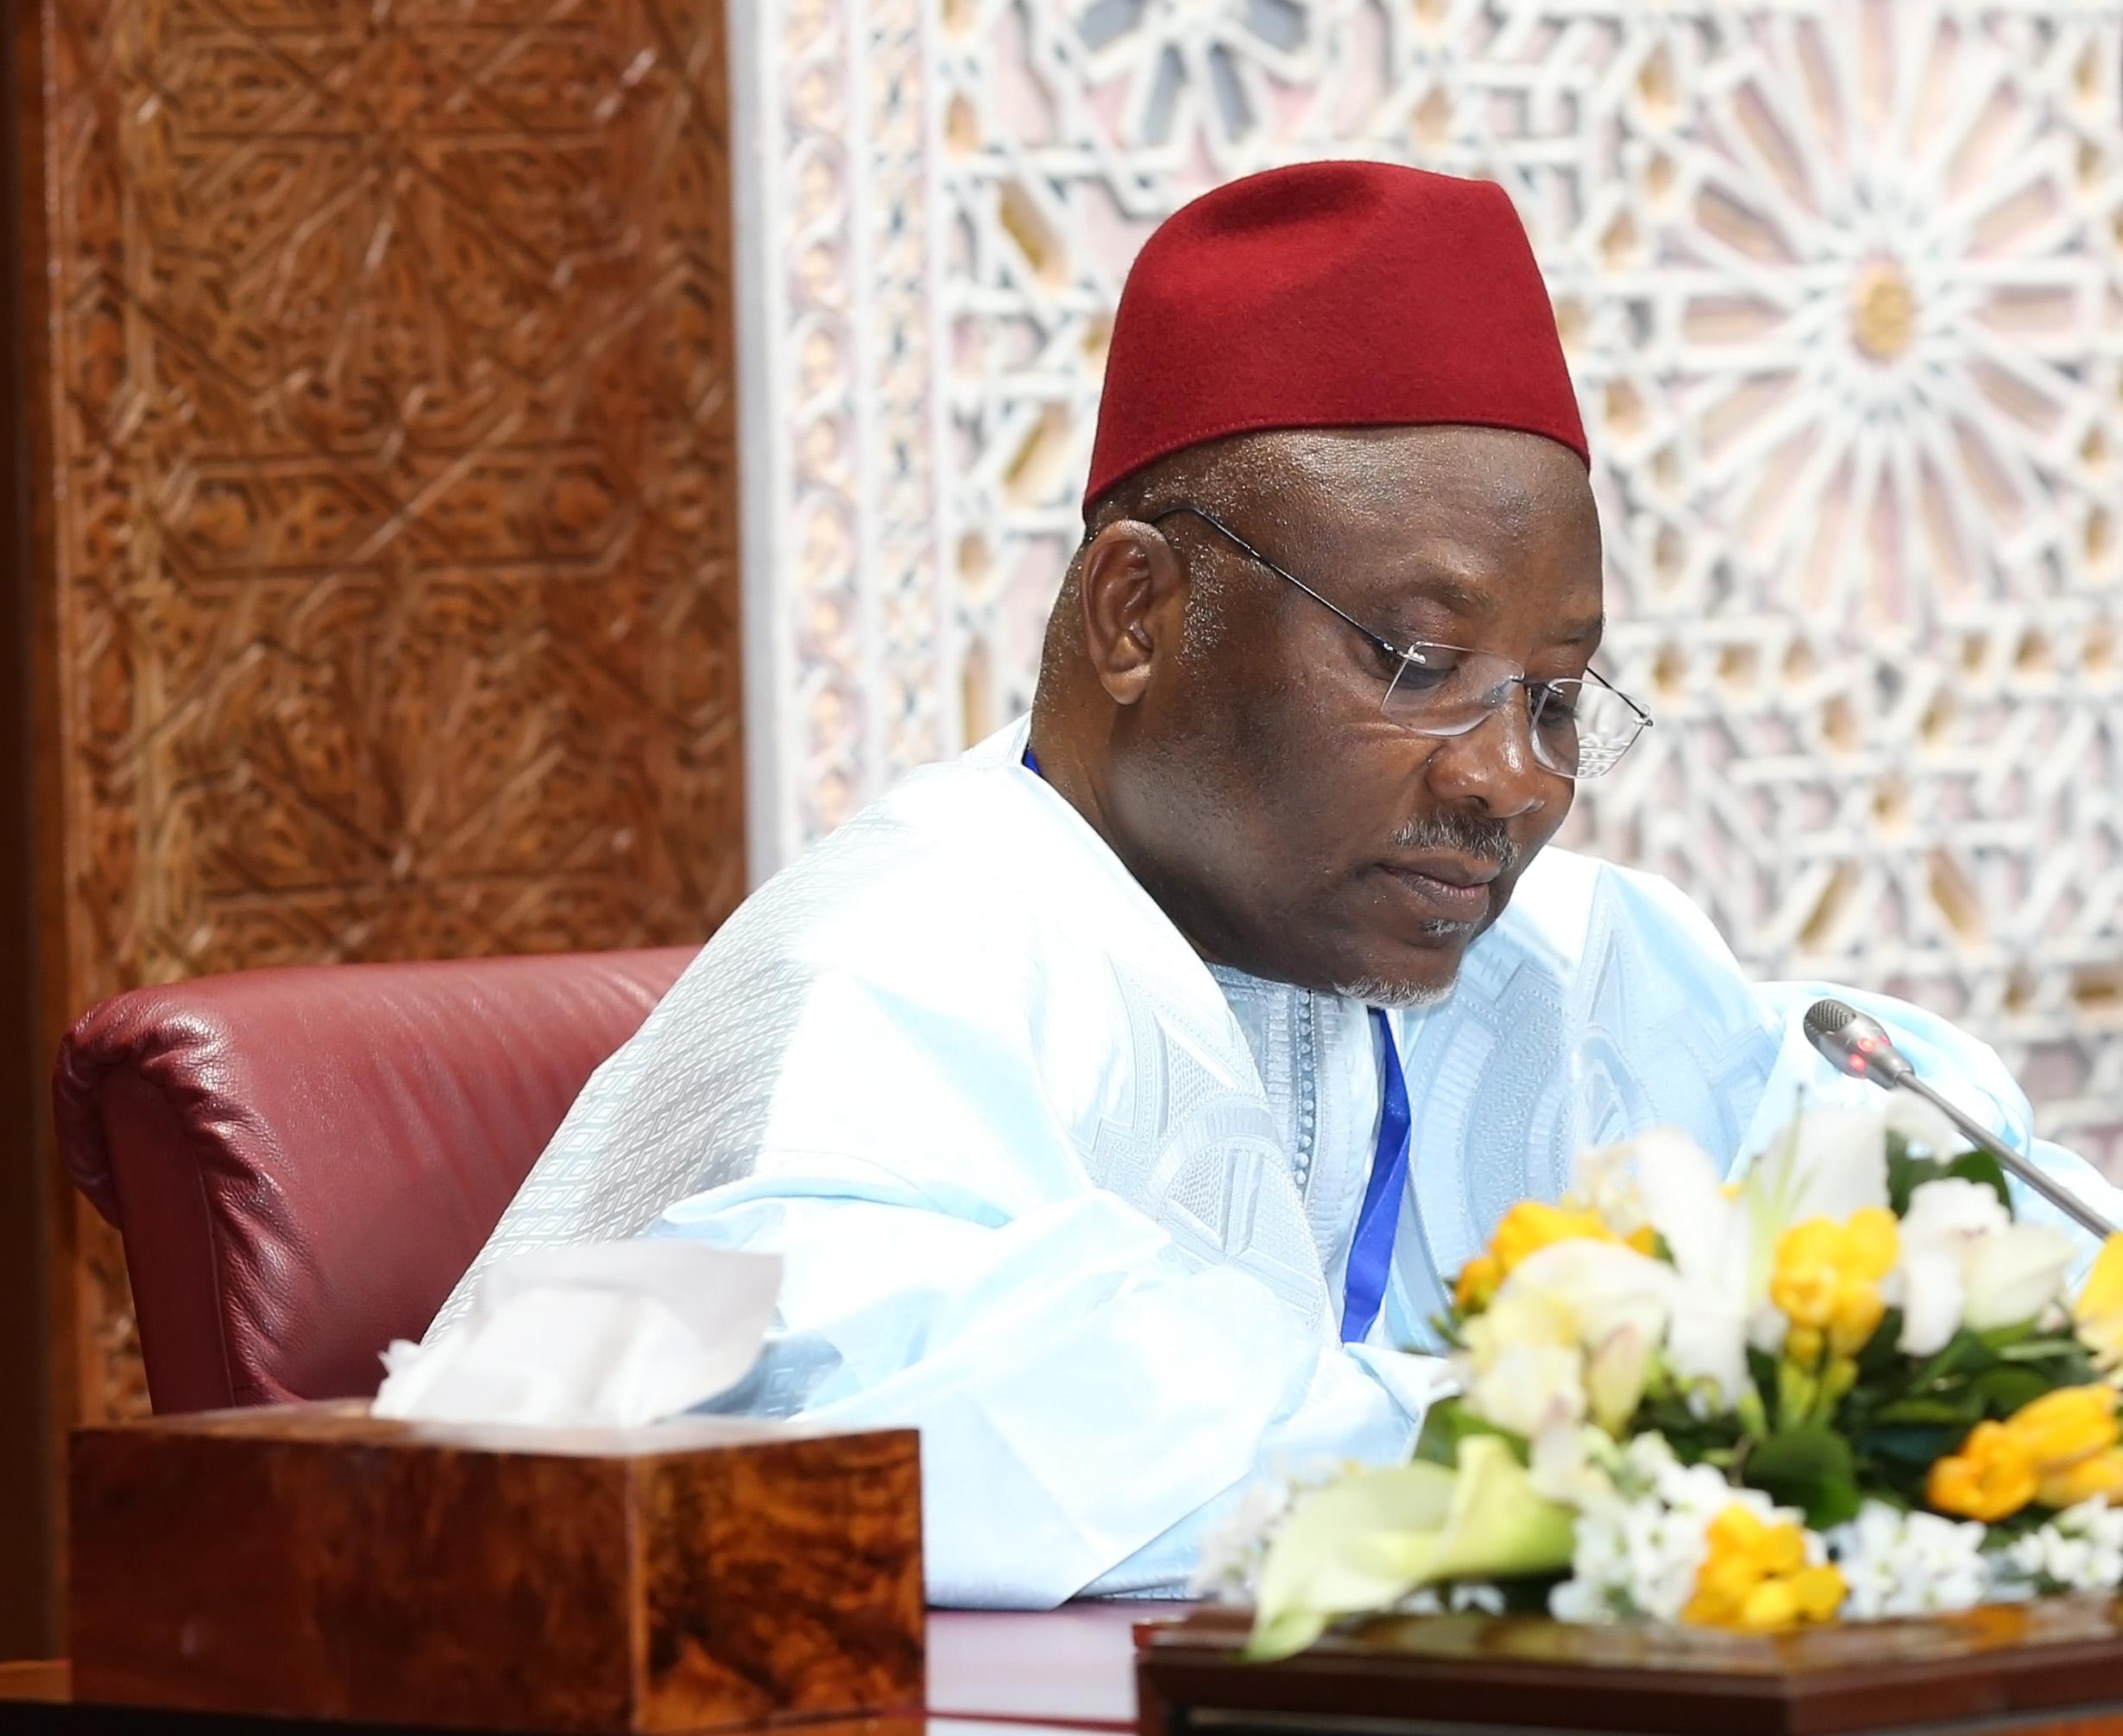 Le Secrétaire Général Félicite les Présidents, Observateurs et Ambassadeurs Musulmans